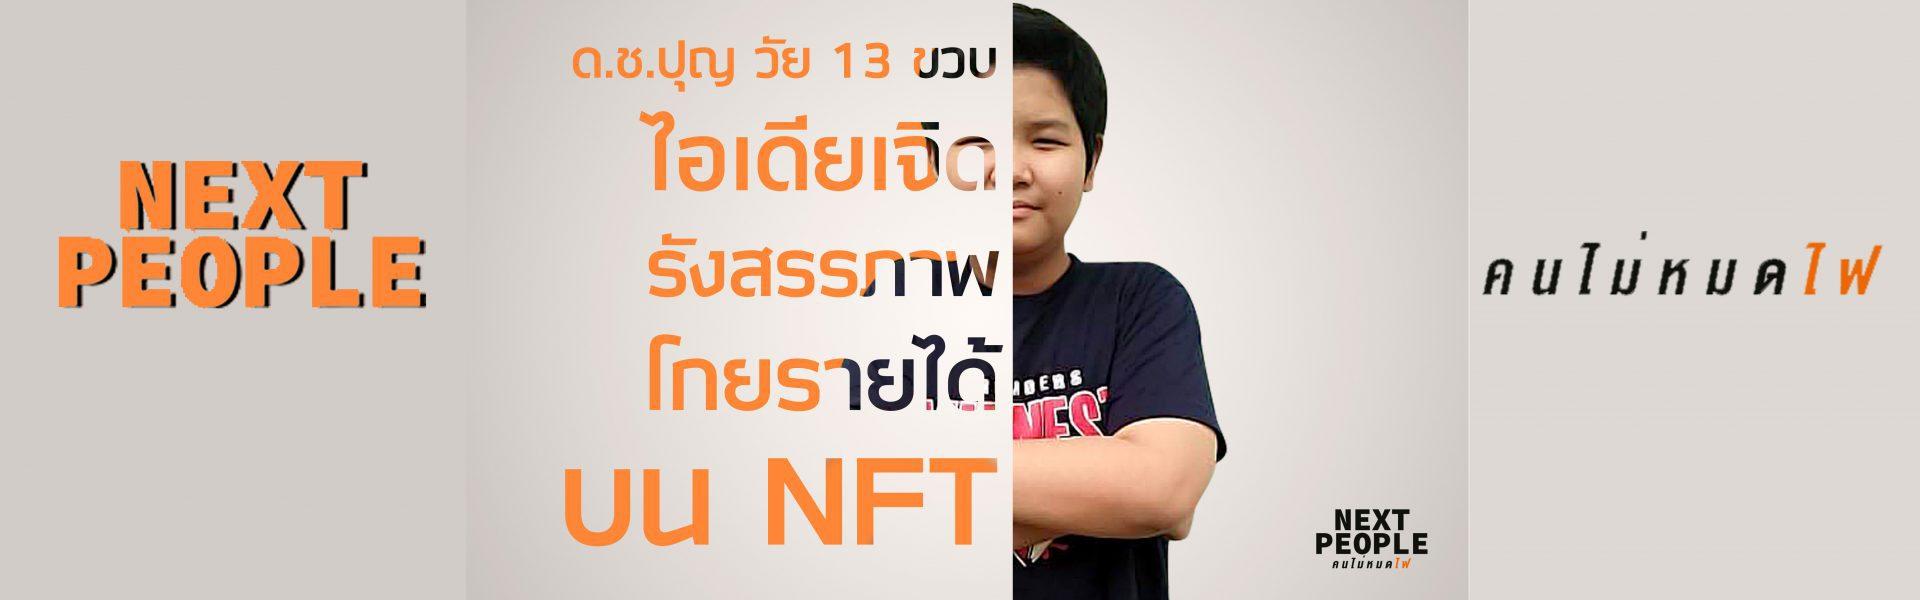 น้องปุณ อายุ 13 ปี โกยรายได้จากการวาดรูปขาย NFT